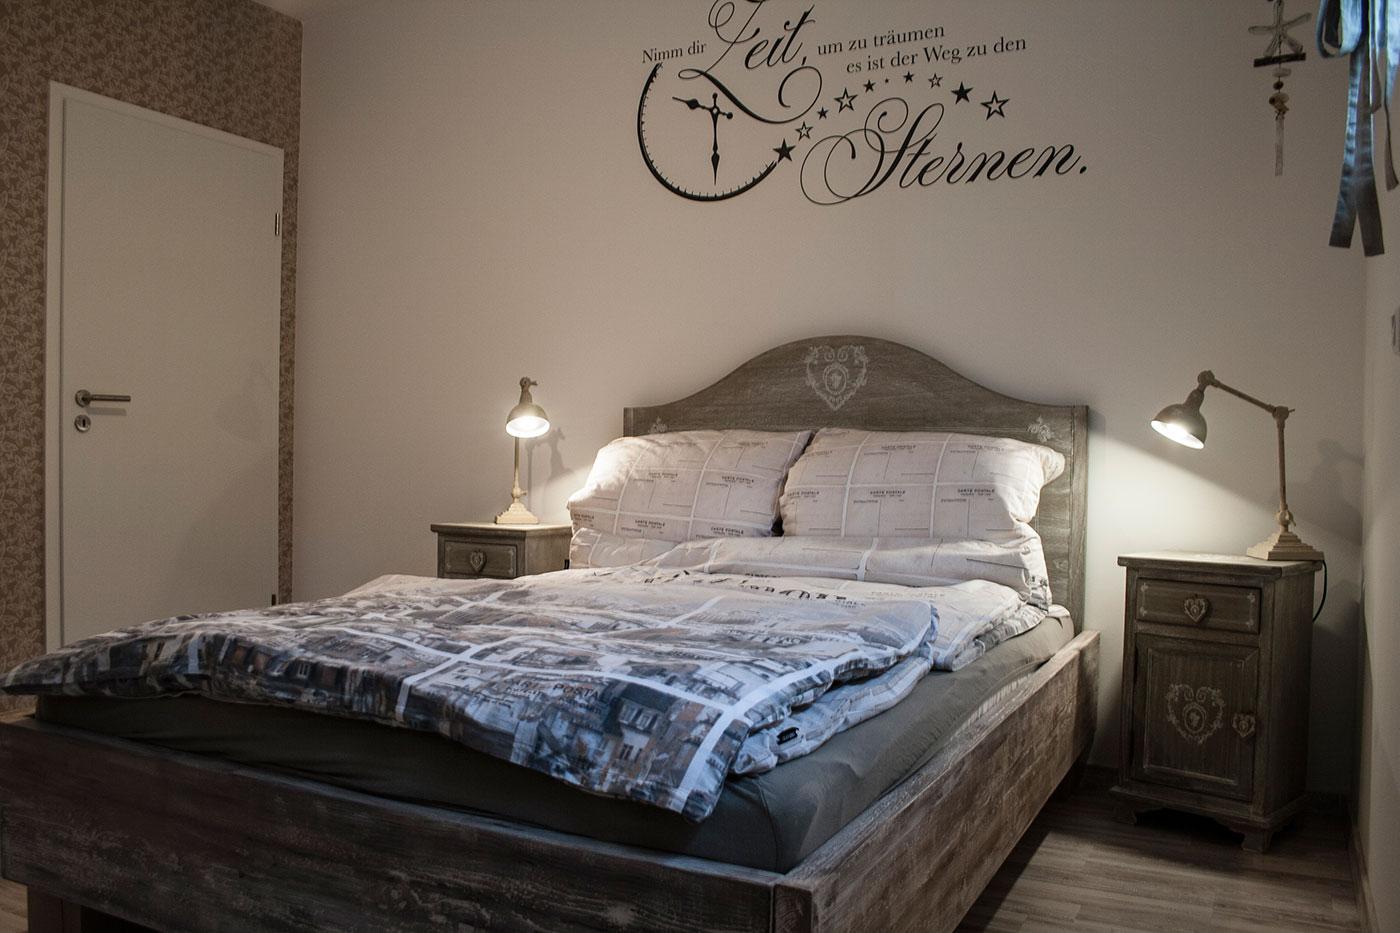 deckenverkleidung badezimmer beispiele. Black Bedroom Furniture Sets. Home Design Ideas